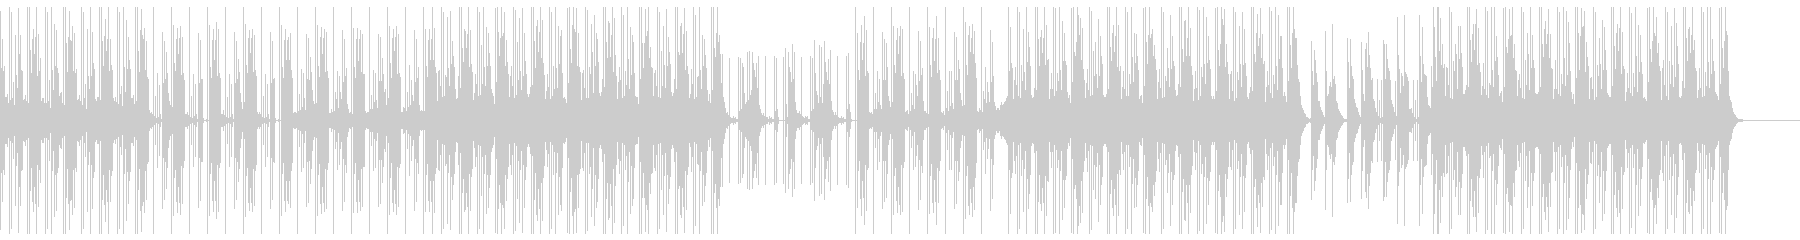 スリリング 洋楽 トラップビートの未再生の波形